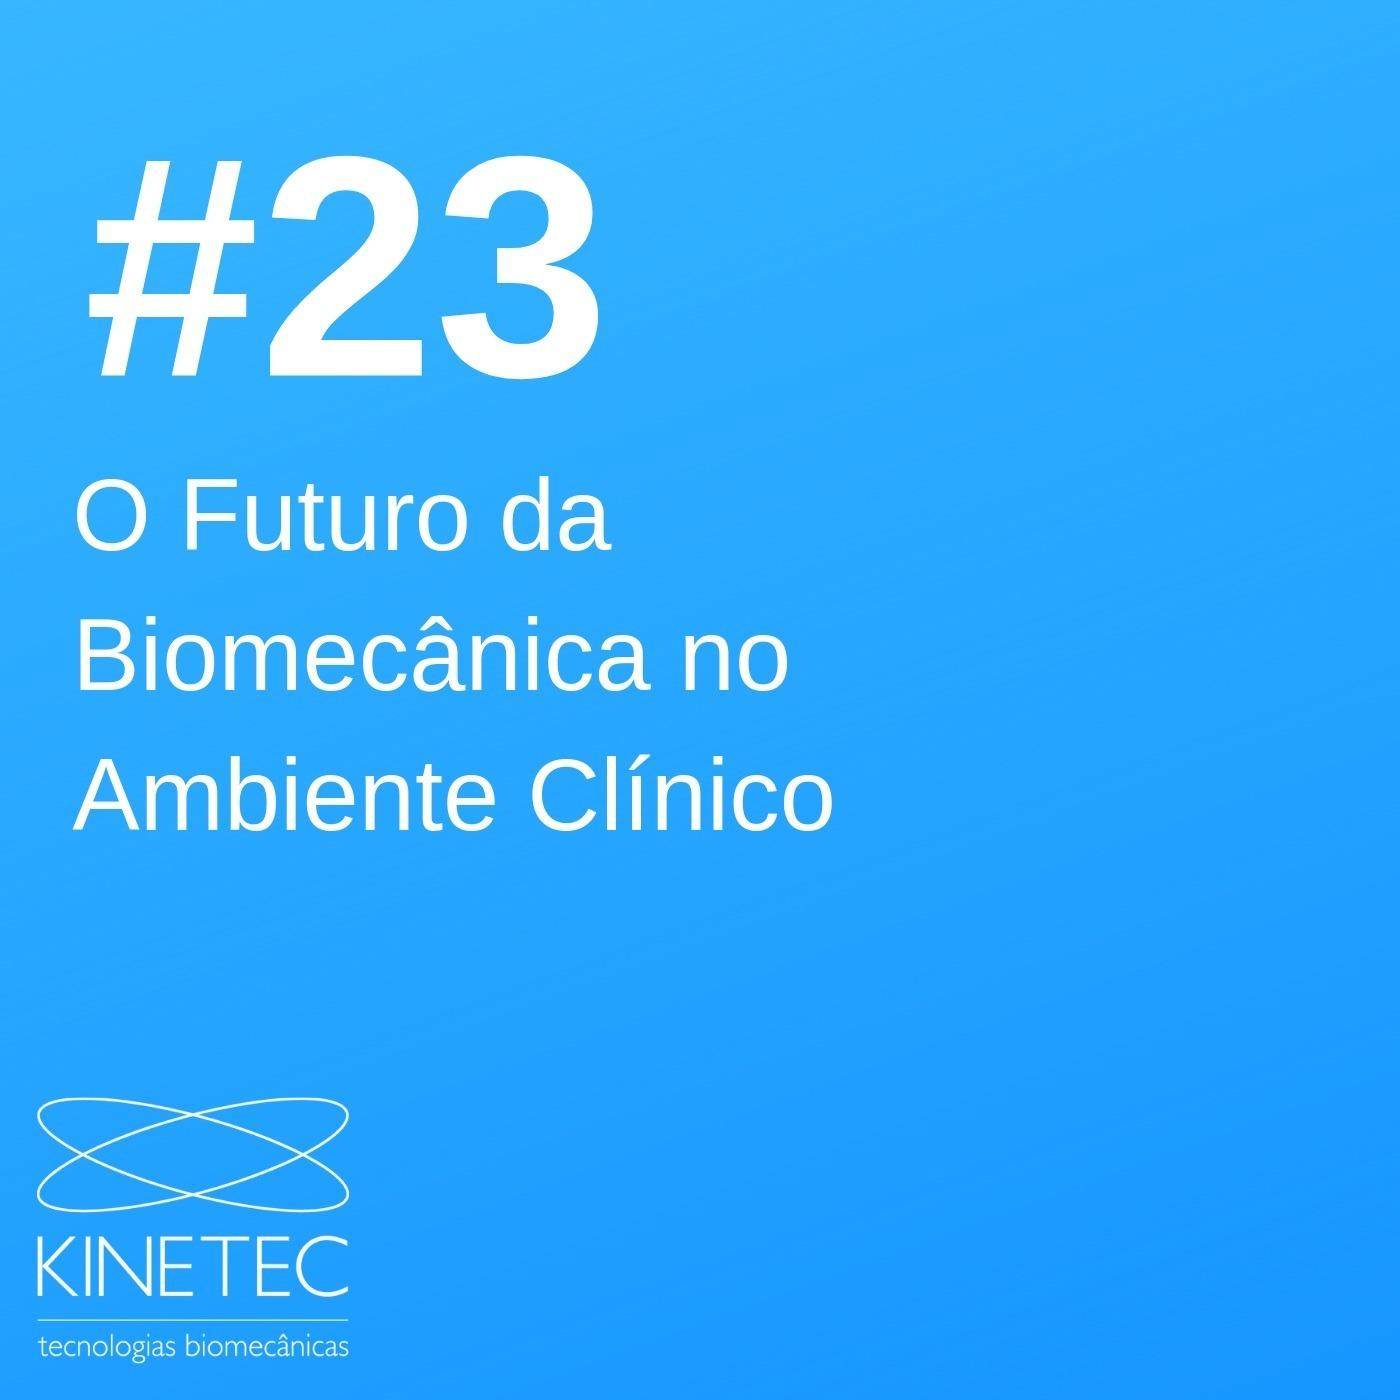 #023 O Futuro da Biomecânica no Ambiente Clínico